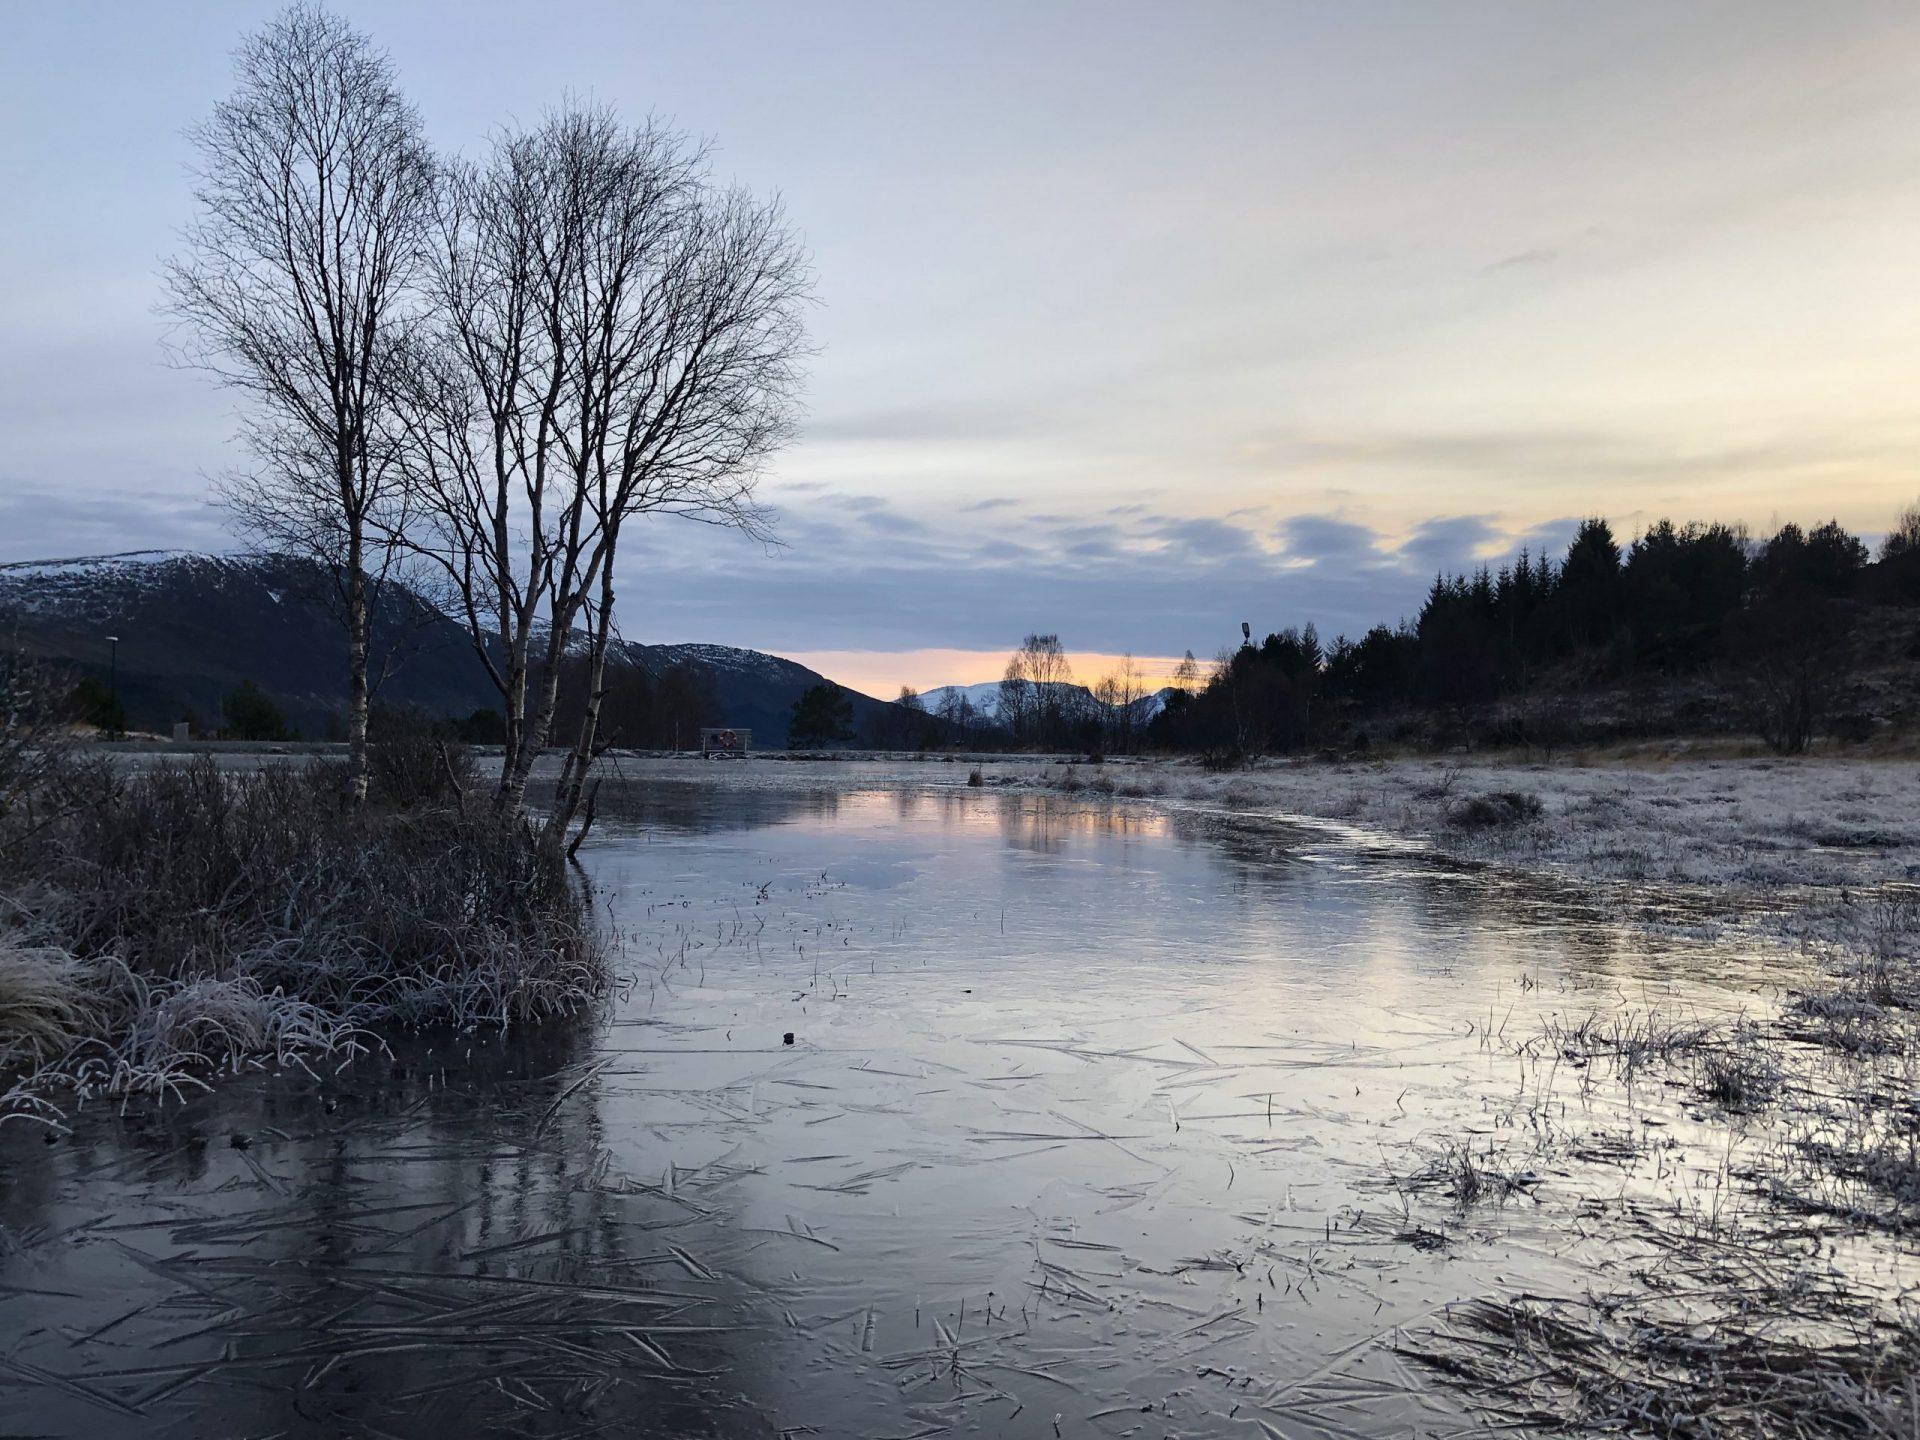 Bugardsmyrane-i-ulsteinvik-ulstein-kommune